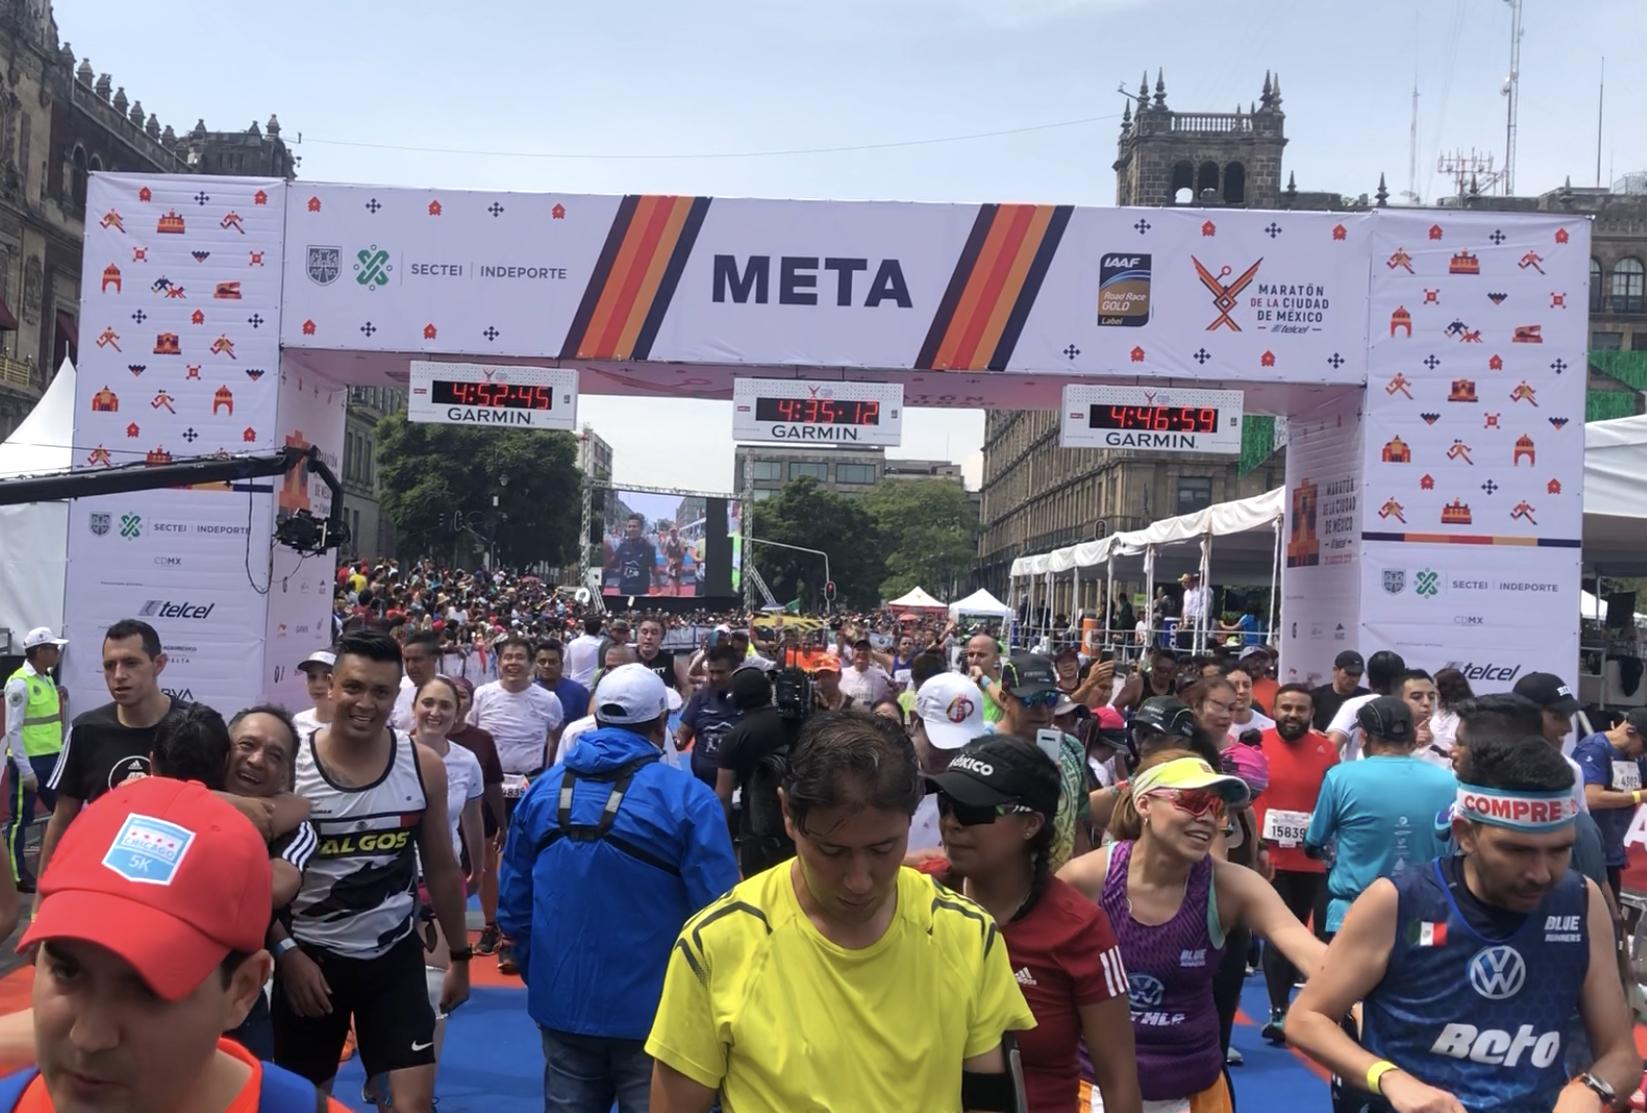 meta maraton cdmx 2019